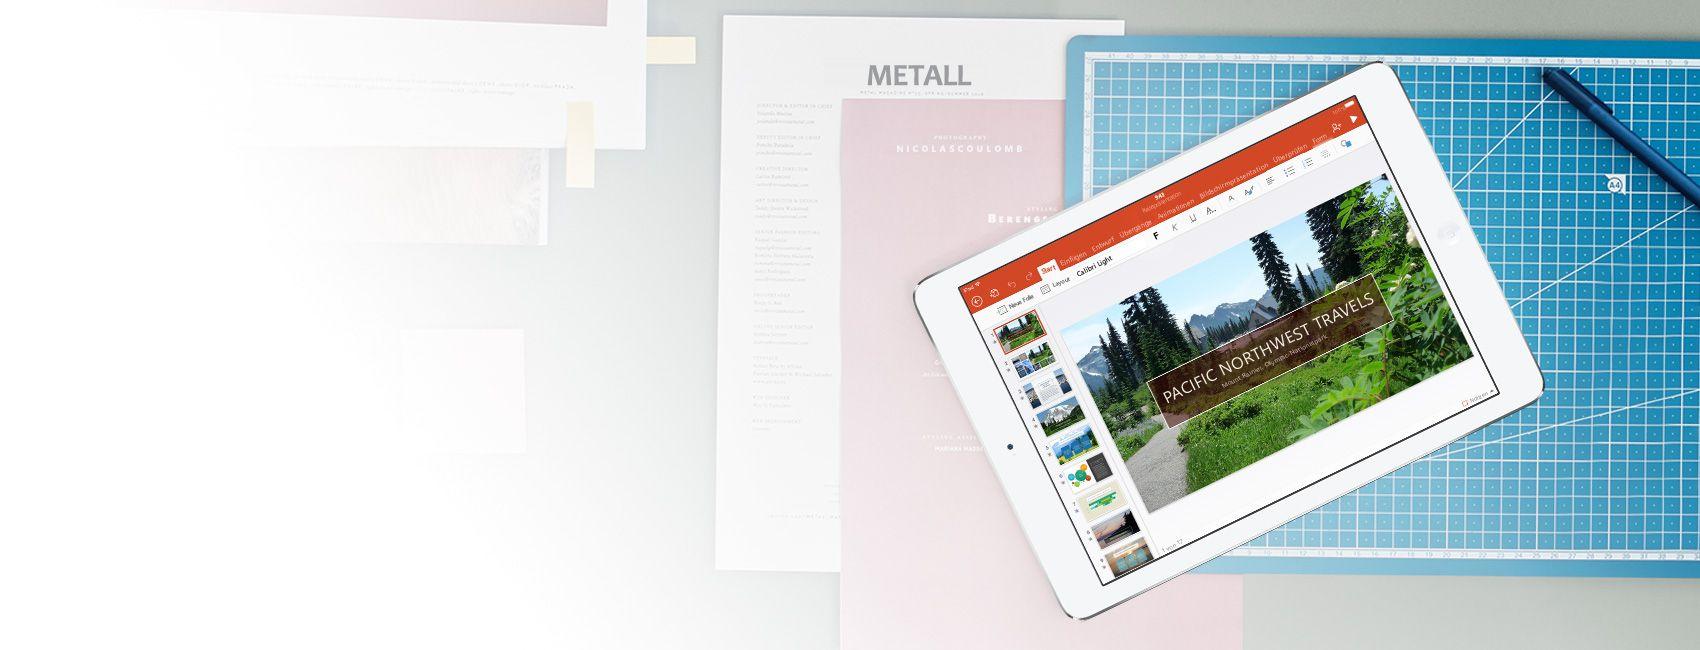 Ein iPad mit einer PowerPoint-Präsentation zu Reisen im Nordwest-Pazifikraum